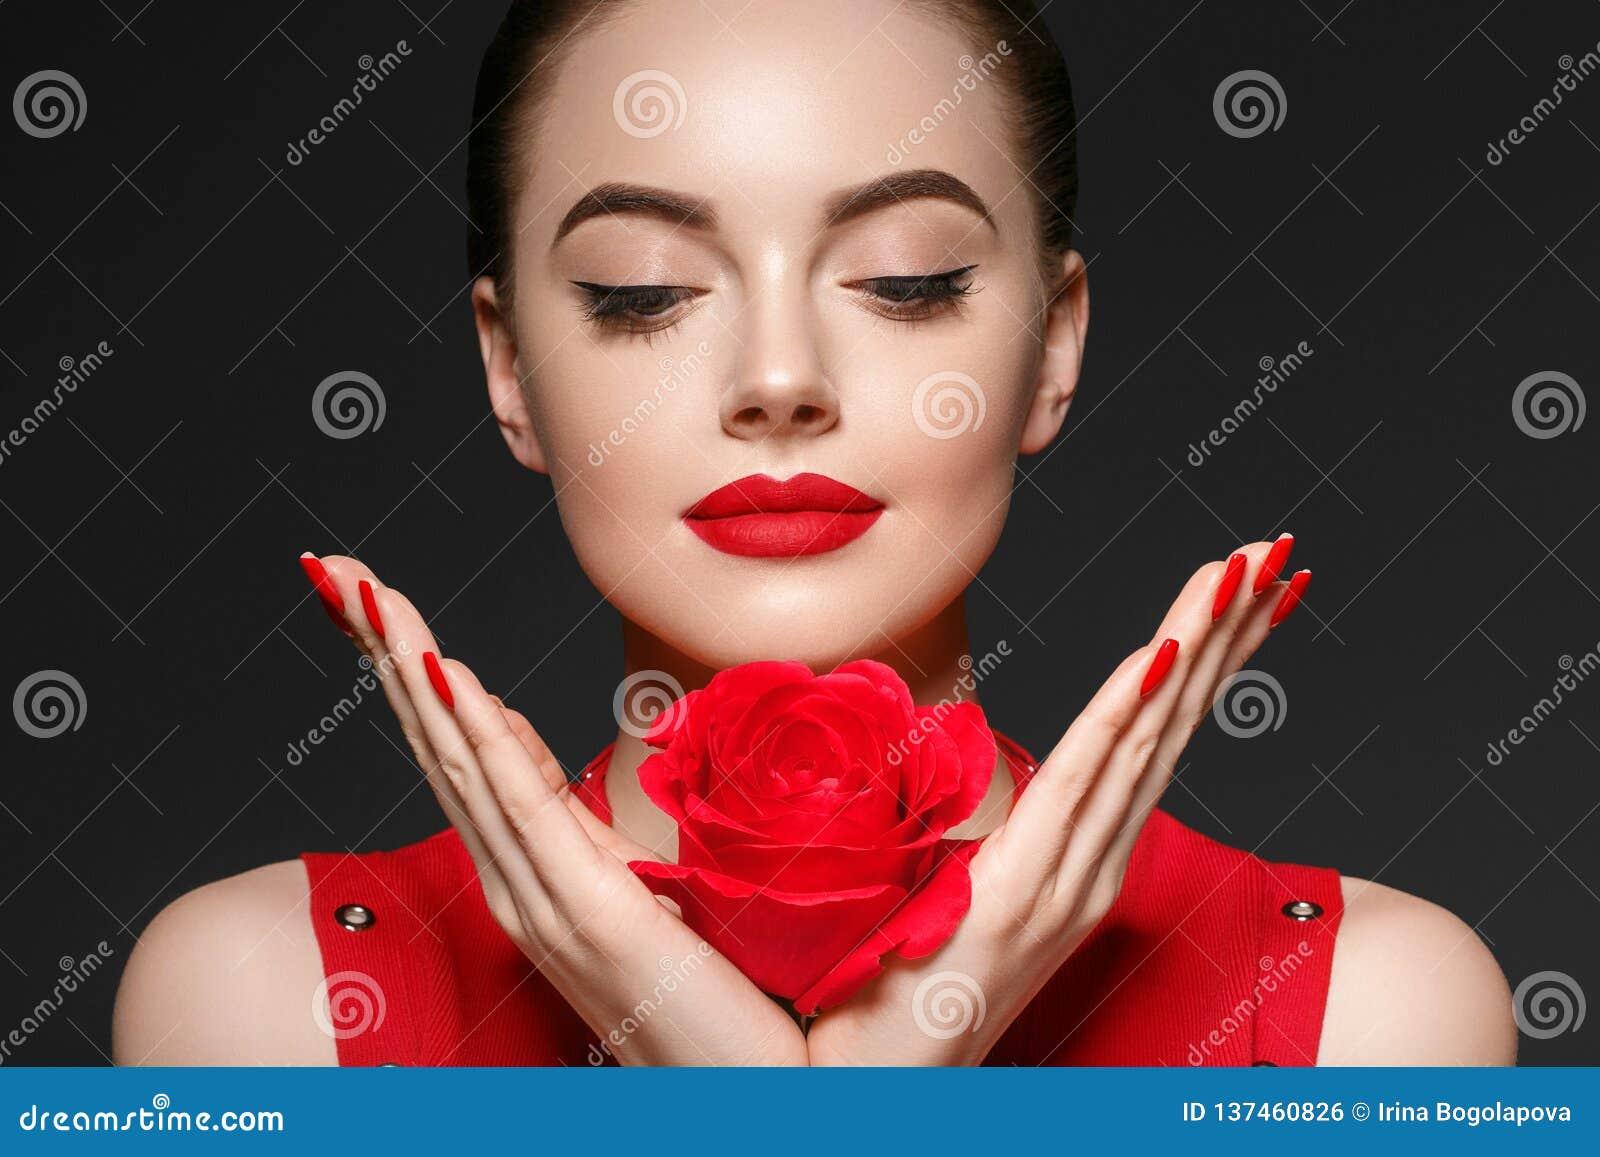 Femme de beauté avec de beaux cheveux bouclés et lèvres de fleur rose